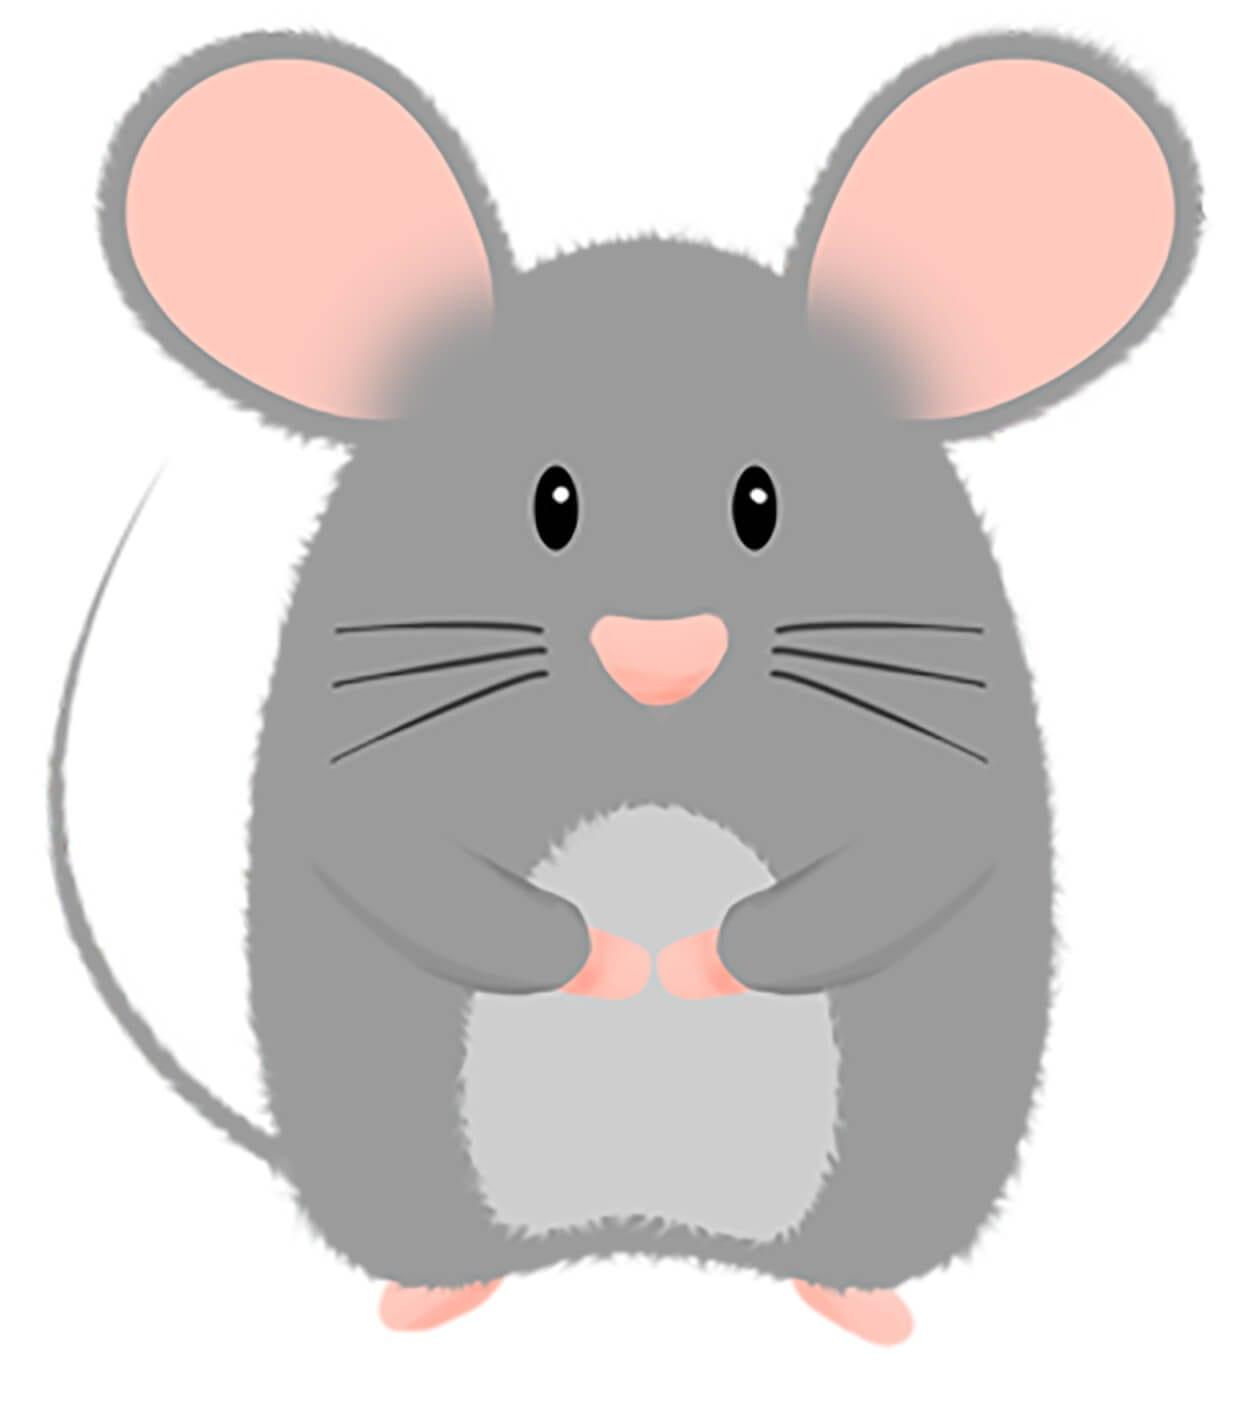 Мышка картинка для детей 3